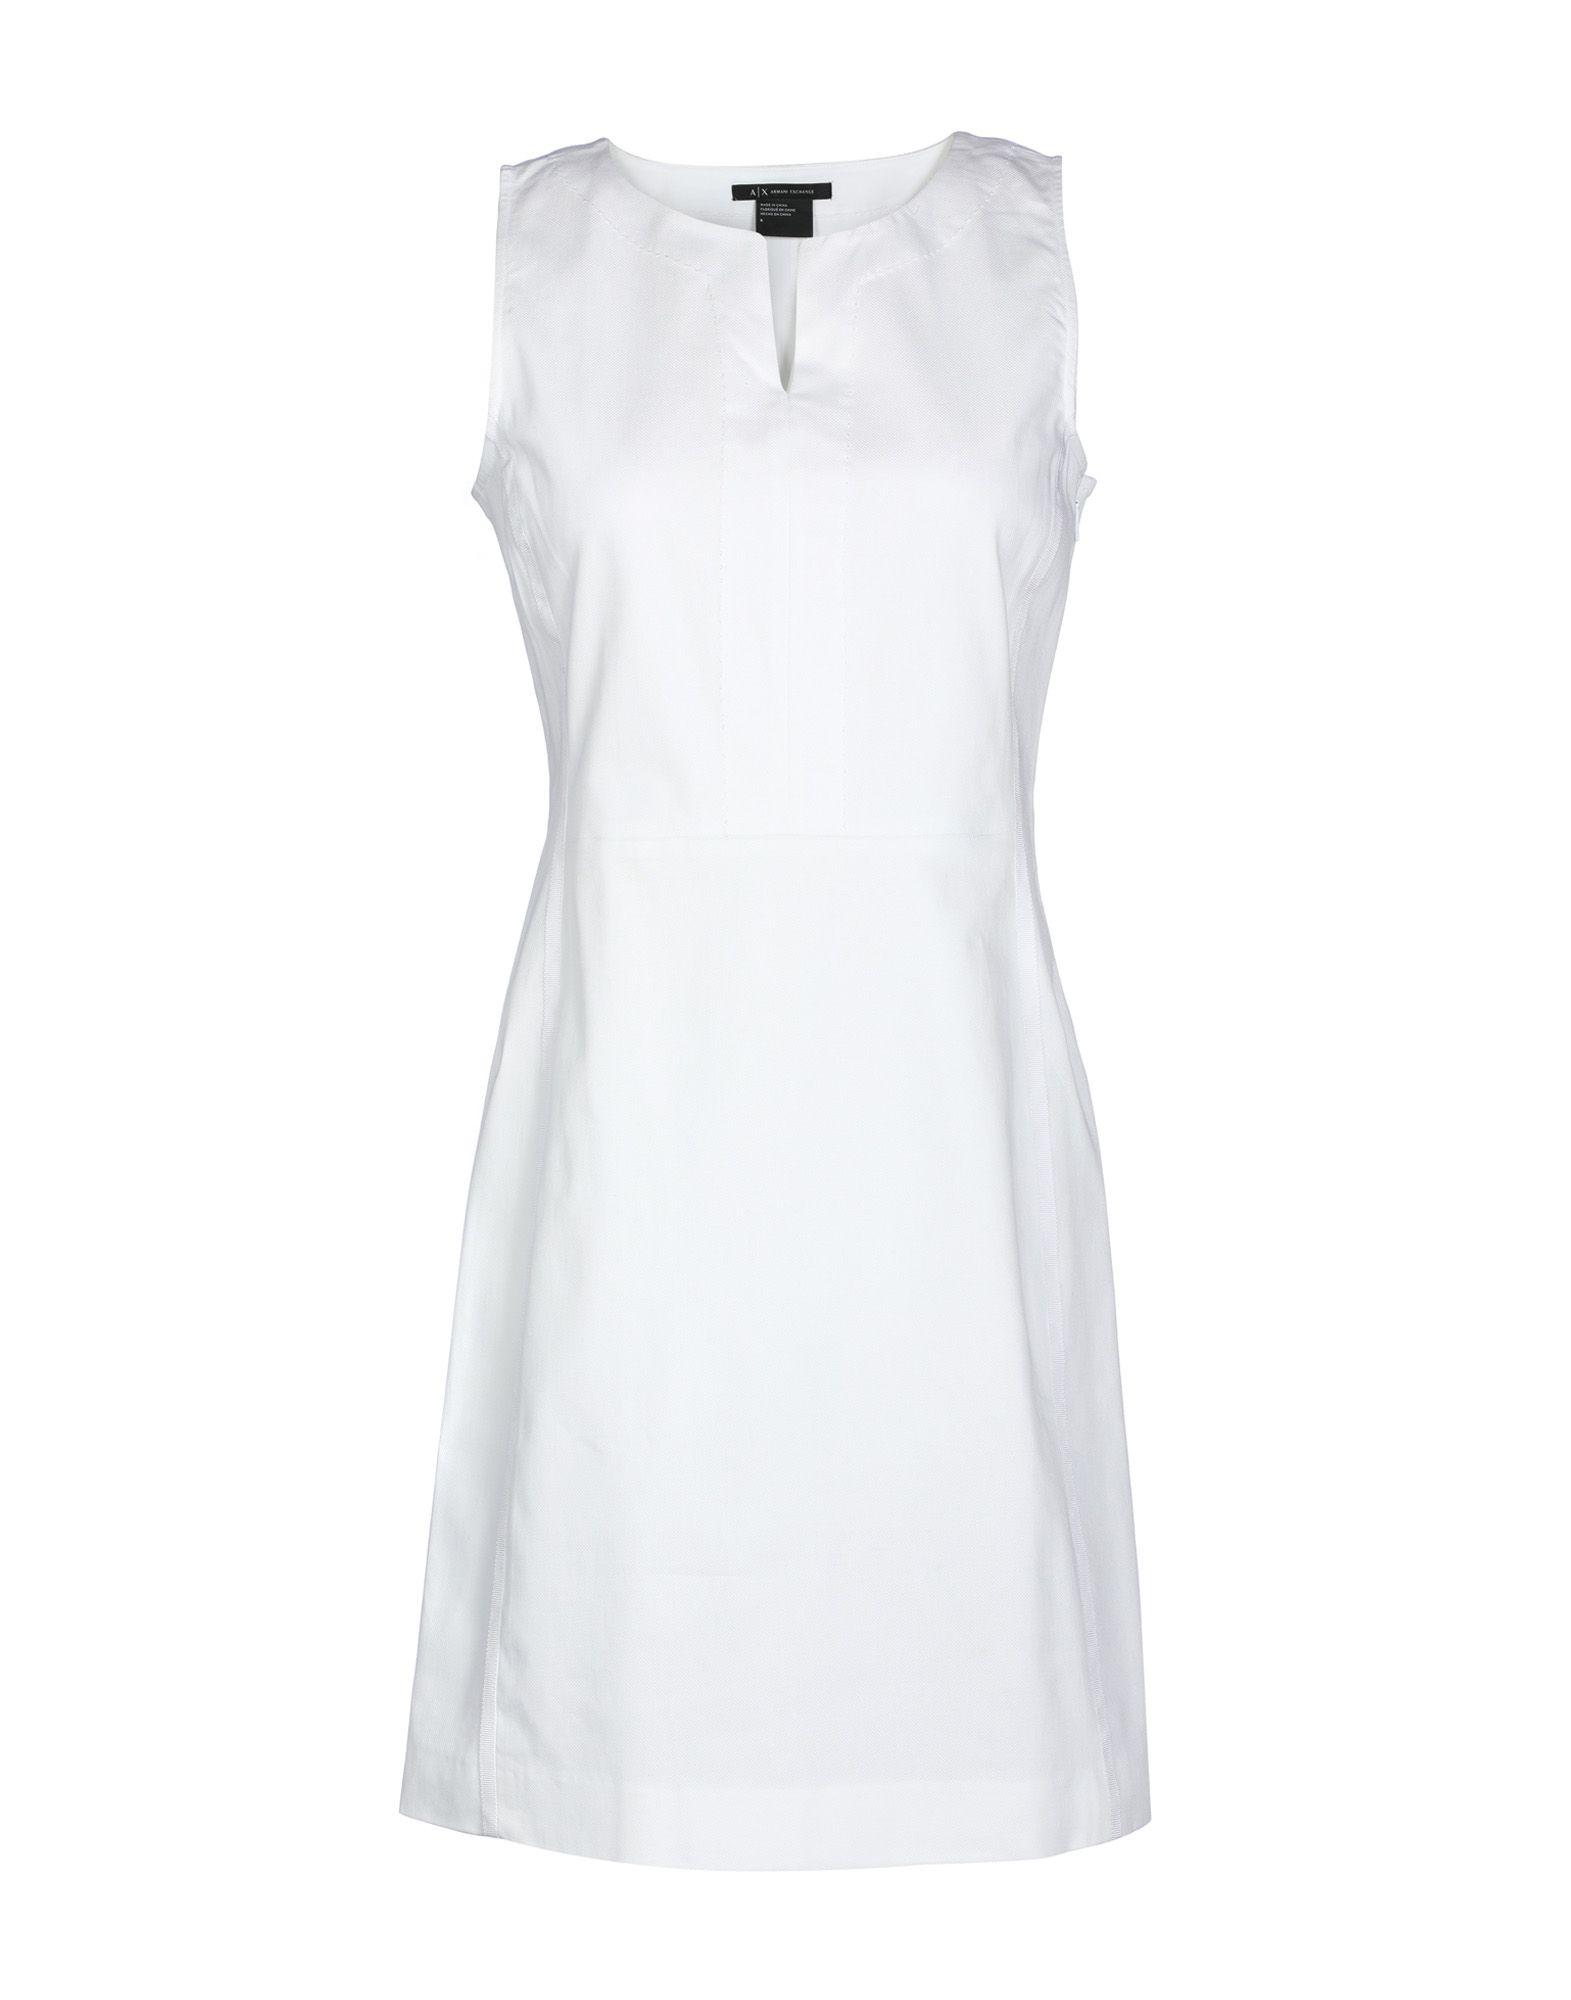 Короткое платье  Белый,Красный цвета